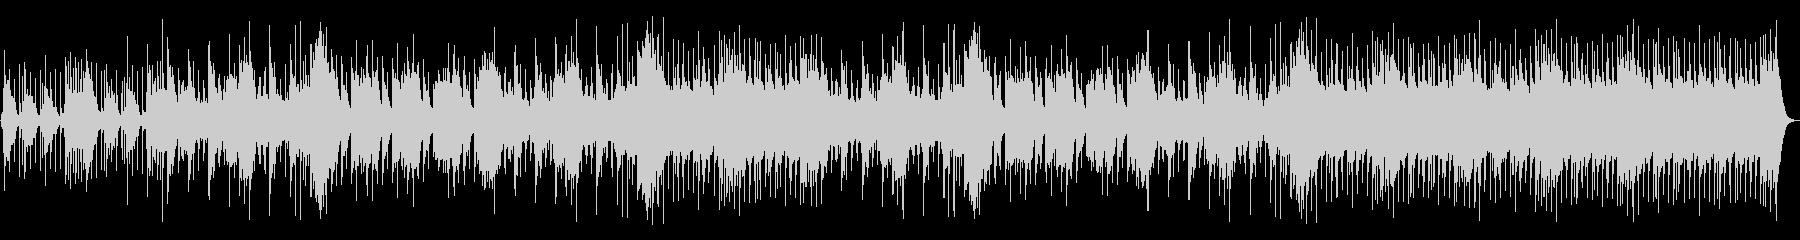 ティンパニ、スネア、木琴、マリンバ...の未再生の波形